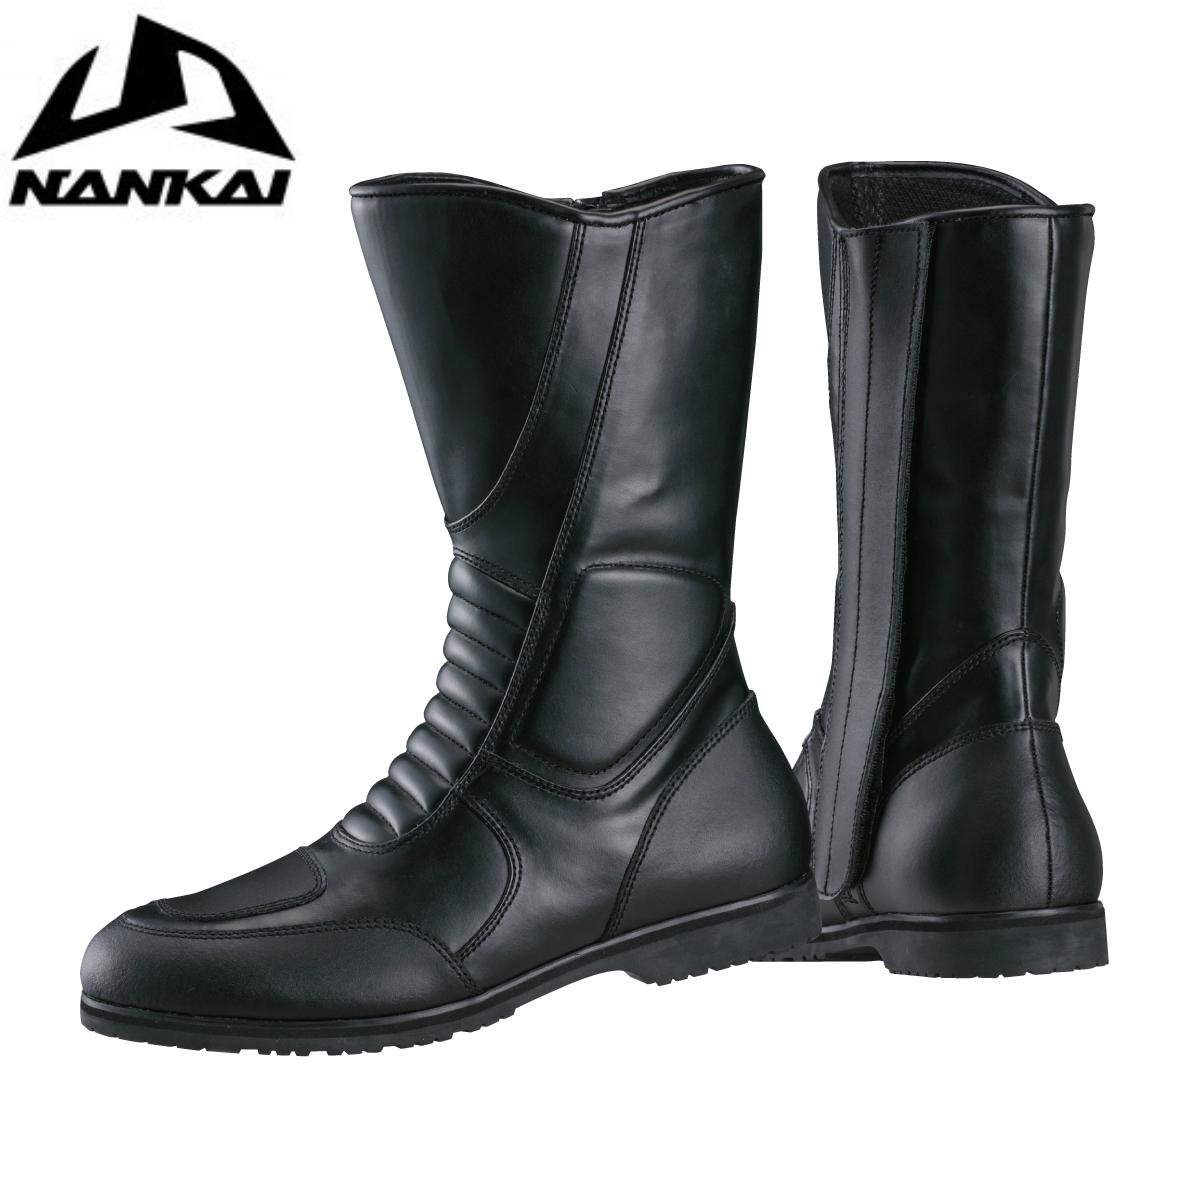 ナンカイ NTB-41W ワイドタイプ ツアラーブーツ NANKAI 南海部品【送料無料】【コンビニ受取対応商品】